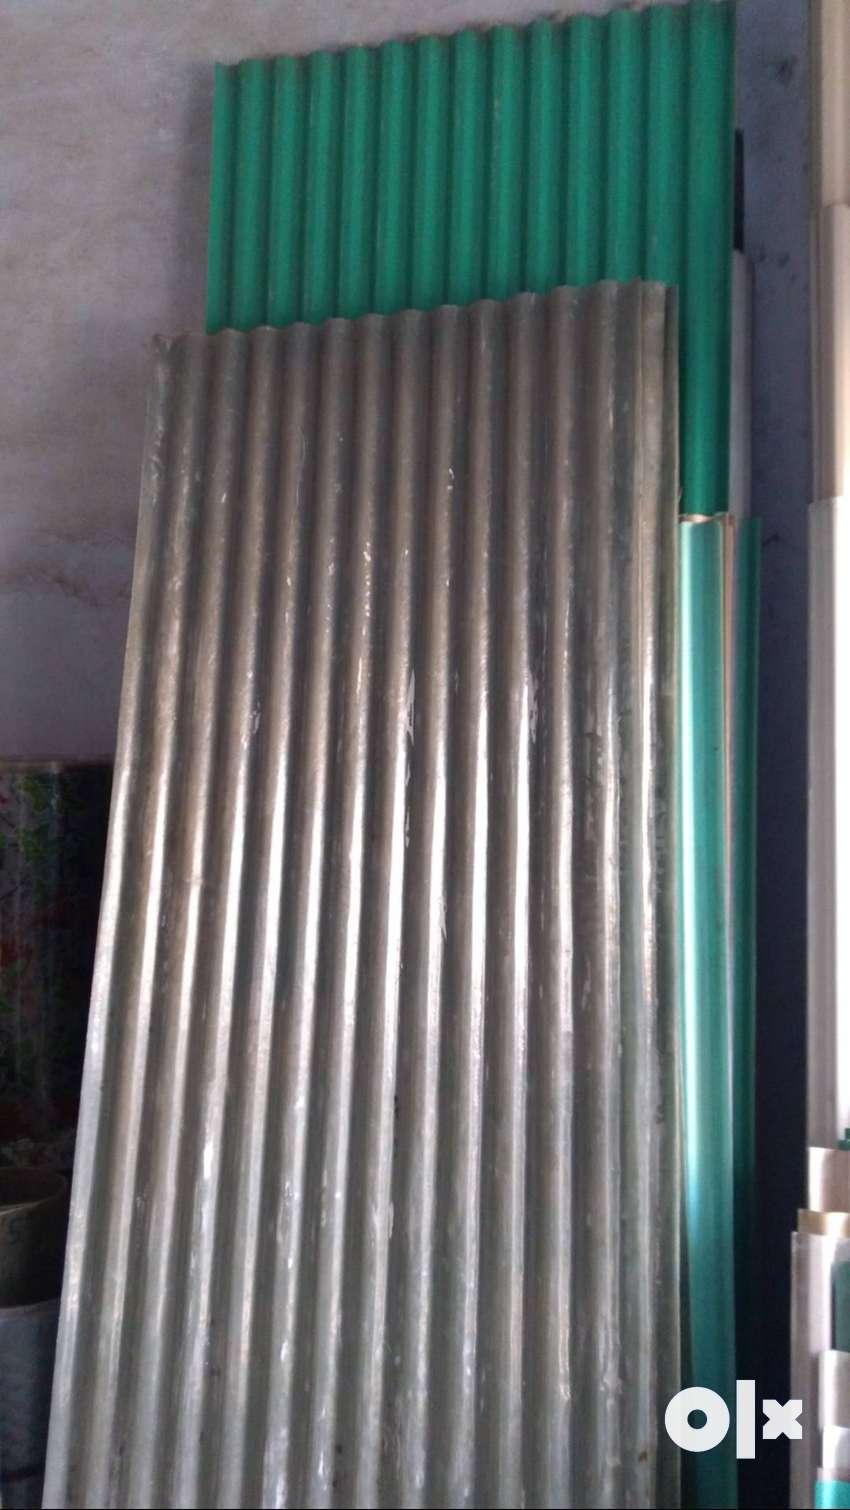 Fibre and PVC Patra at Rs 10/- Sq.Ft. in Vadodara 0